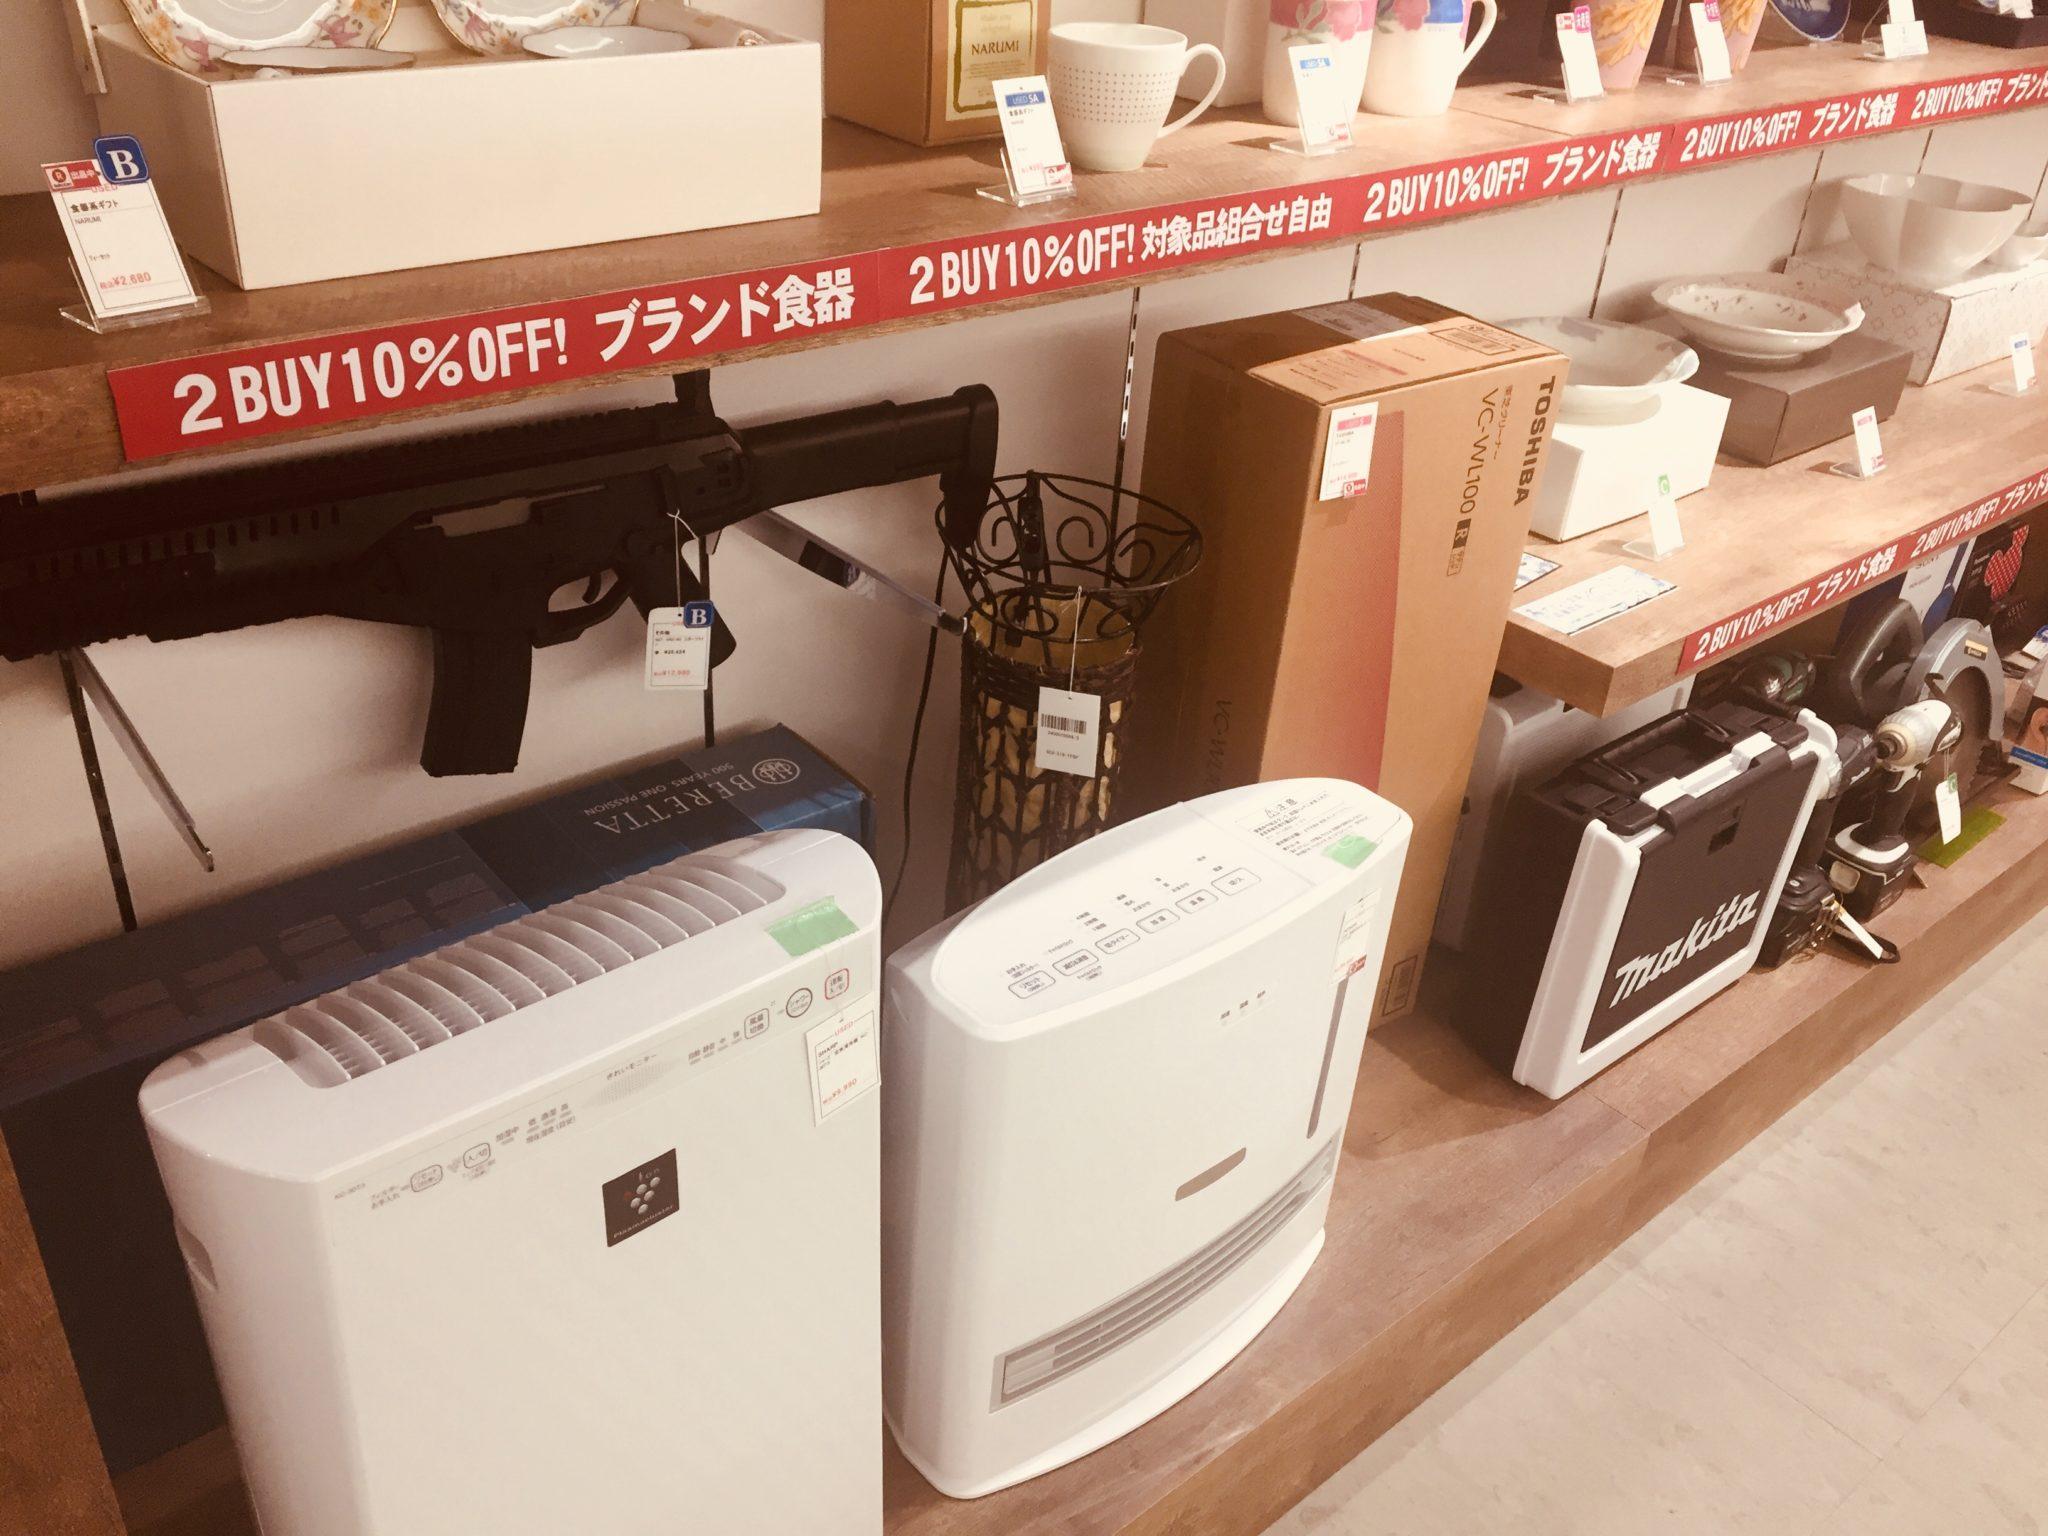 【盛岡 家電・工具 販売】GWセール開催中!家電・工具 2BUY→10%OFF 残り2日!